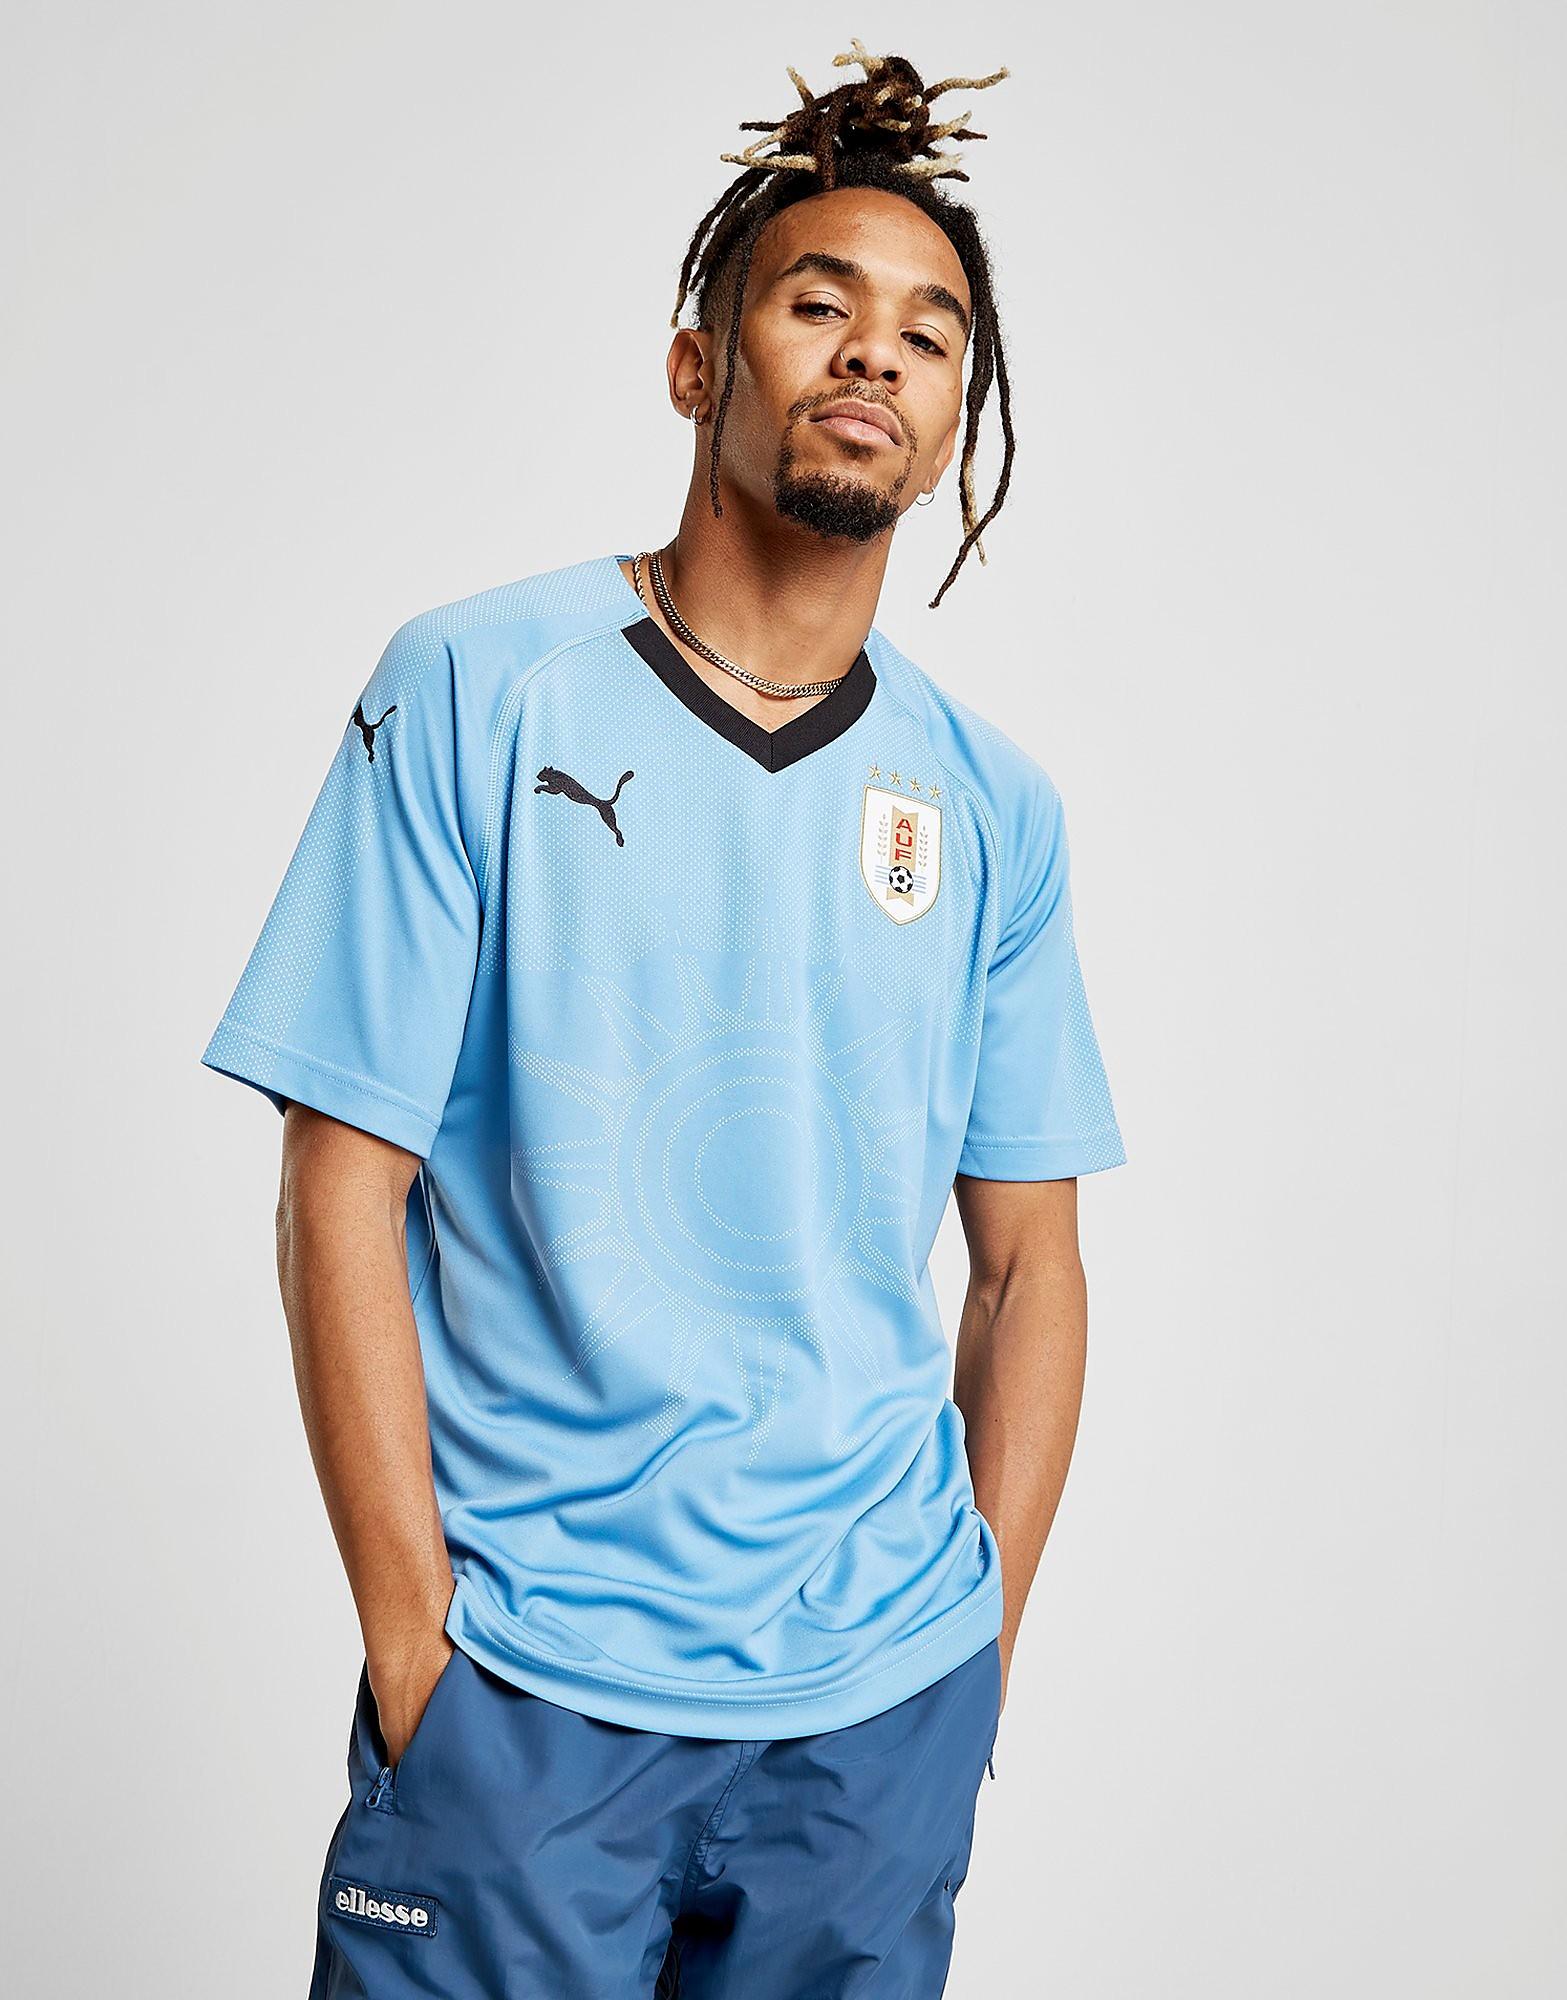 PUMA camiseta Uruguay 2018 1.ª equipación (RESERVA)